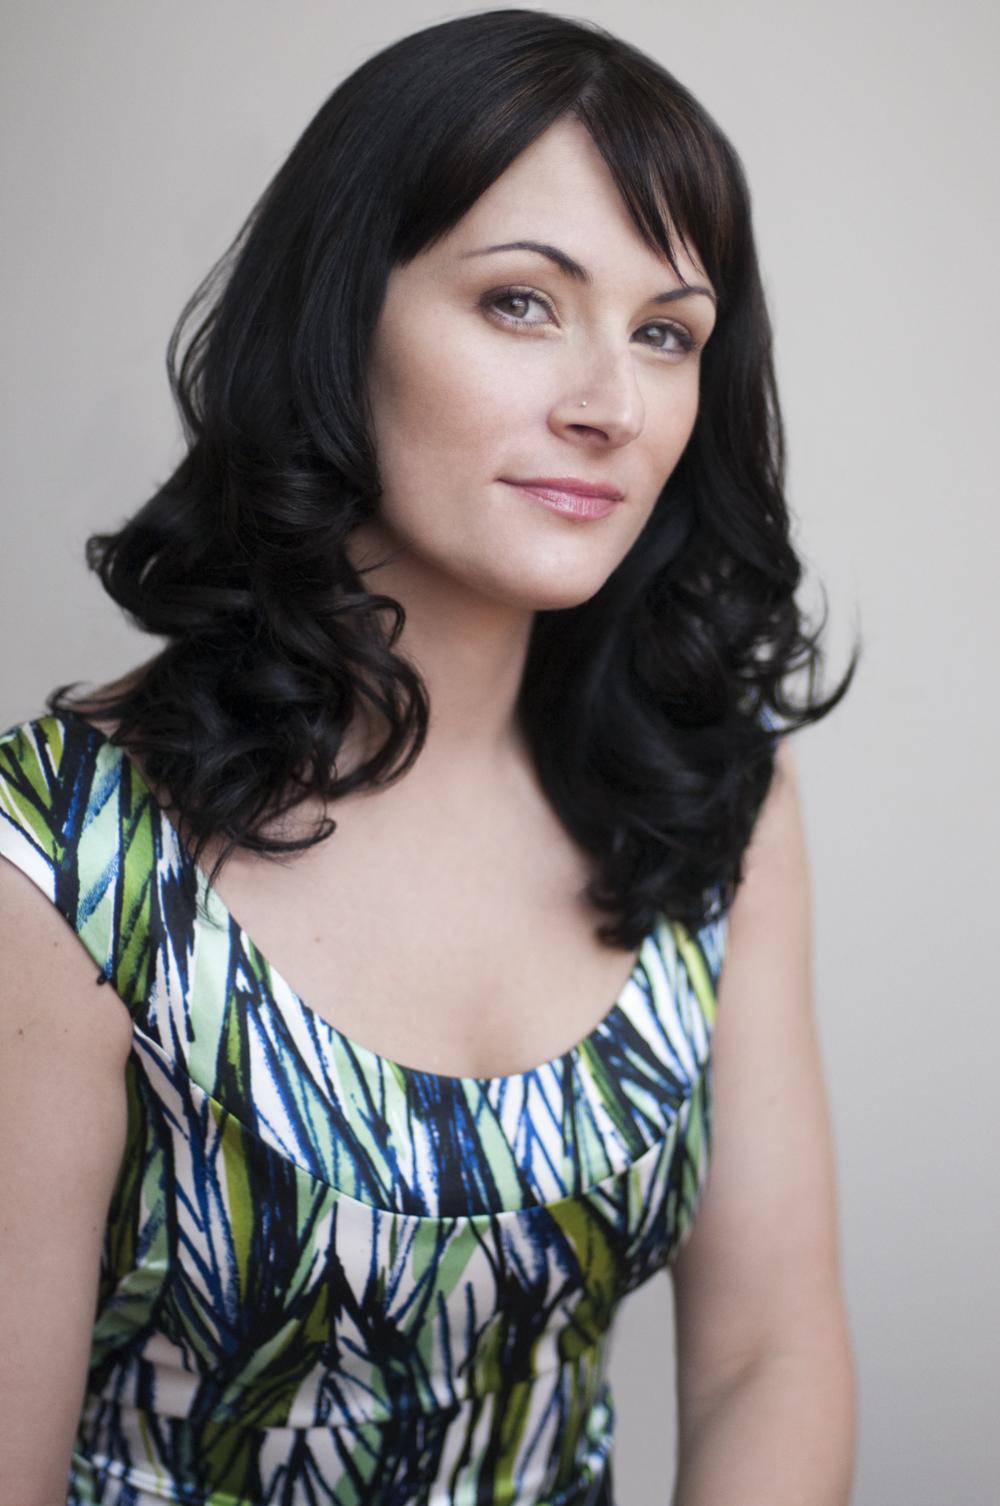 danielle, writer/blogger